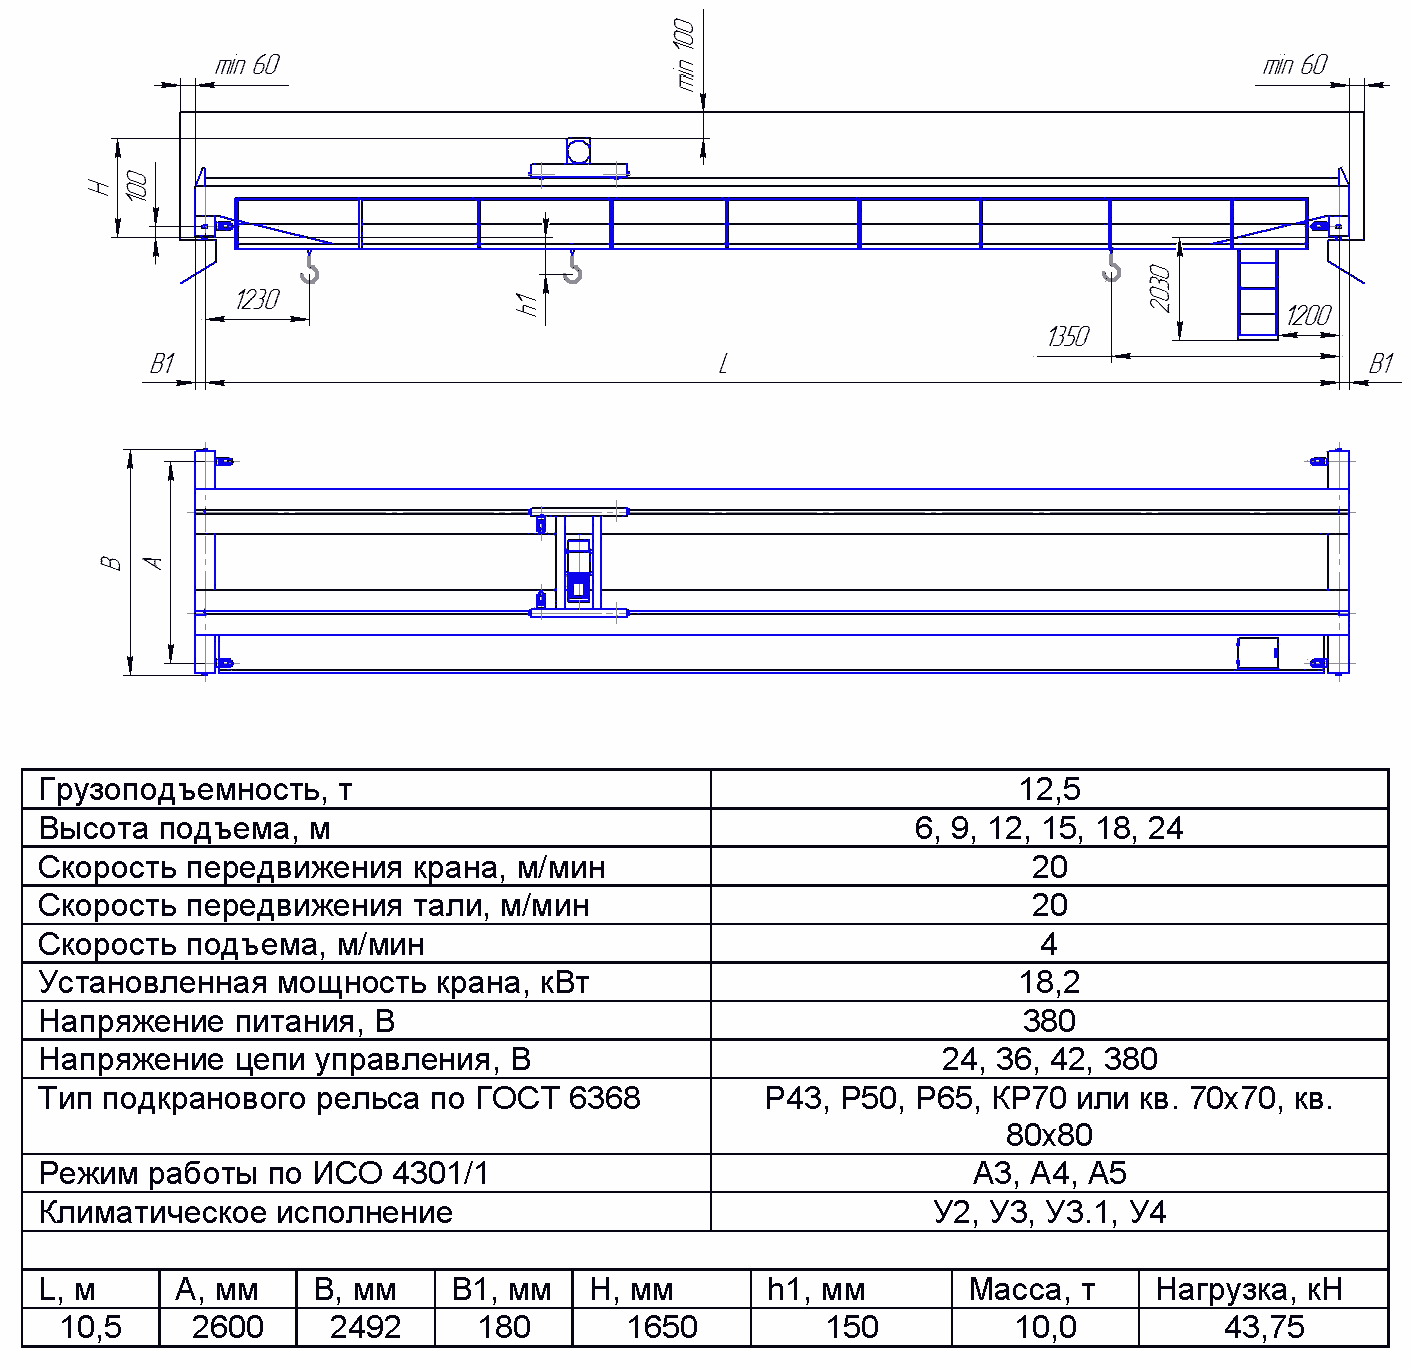 KMON 3 1 - Опорный мостовой кран общего назначения